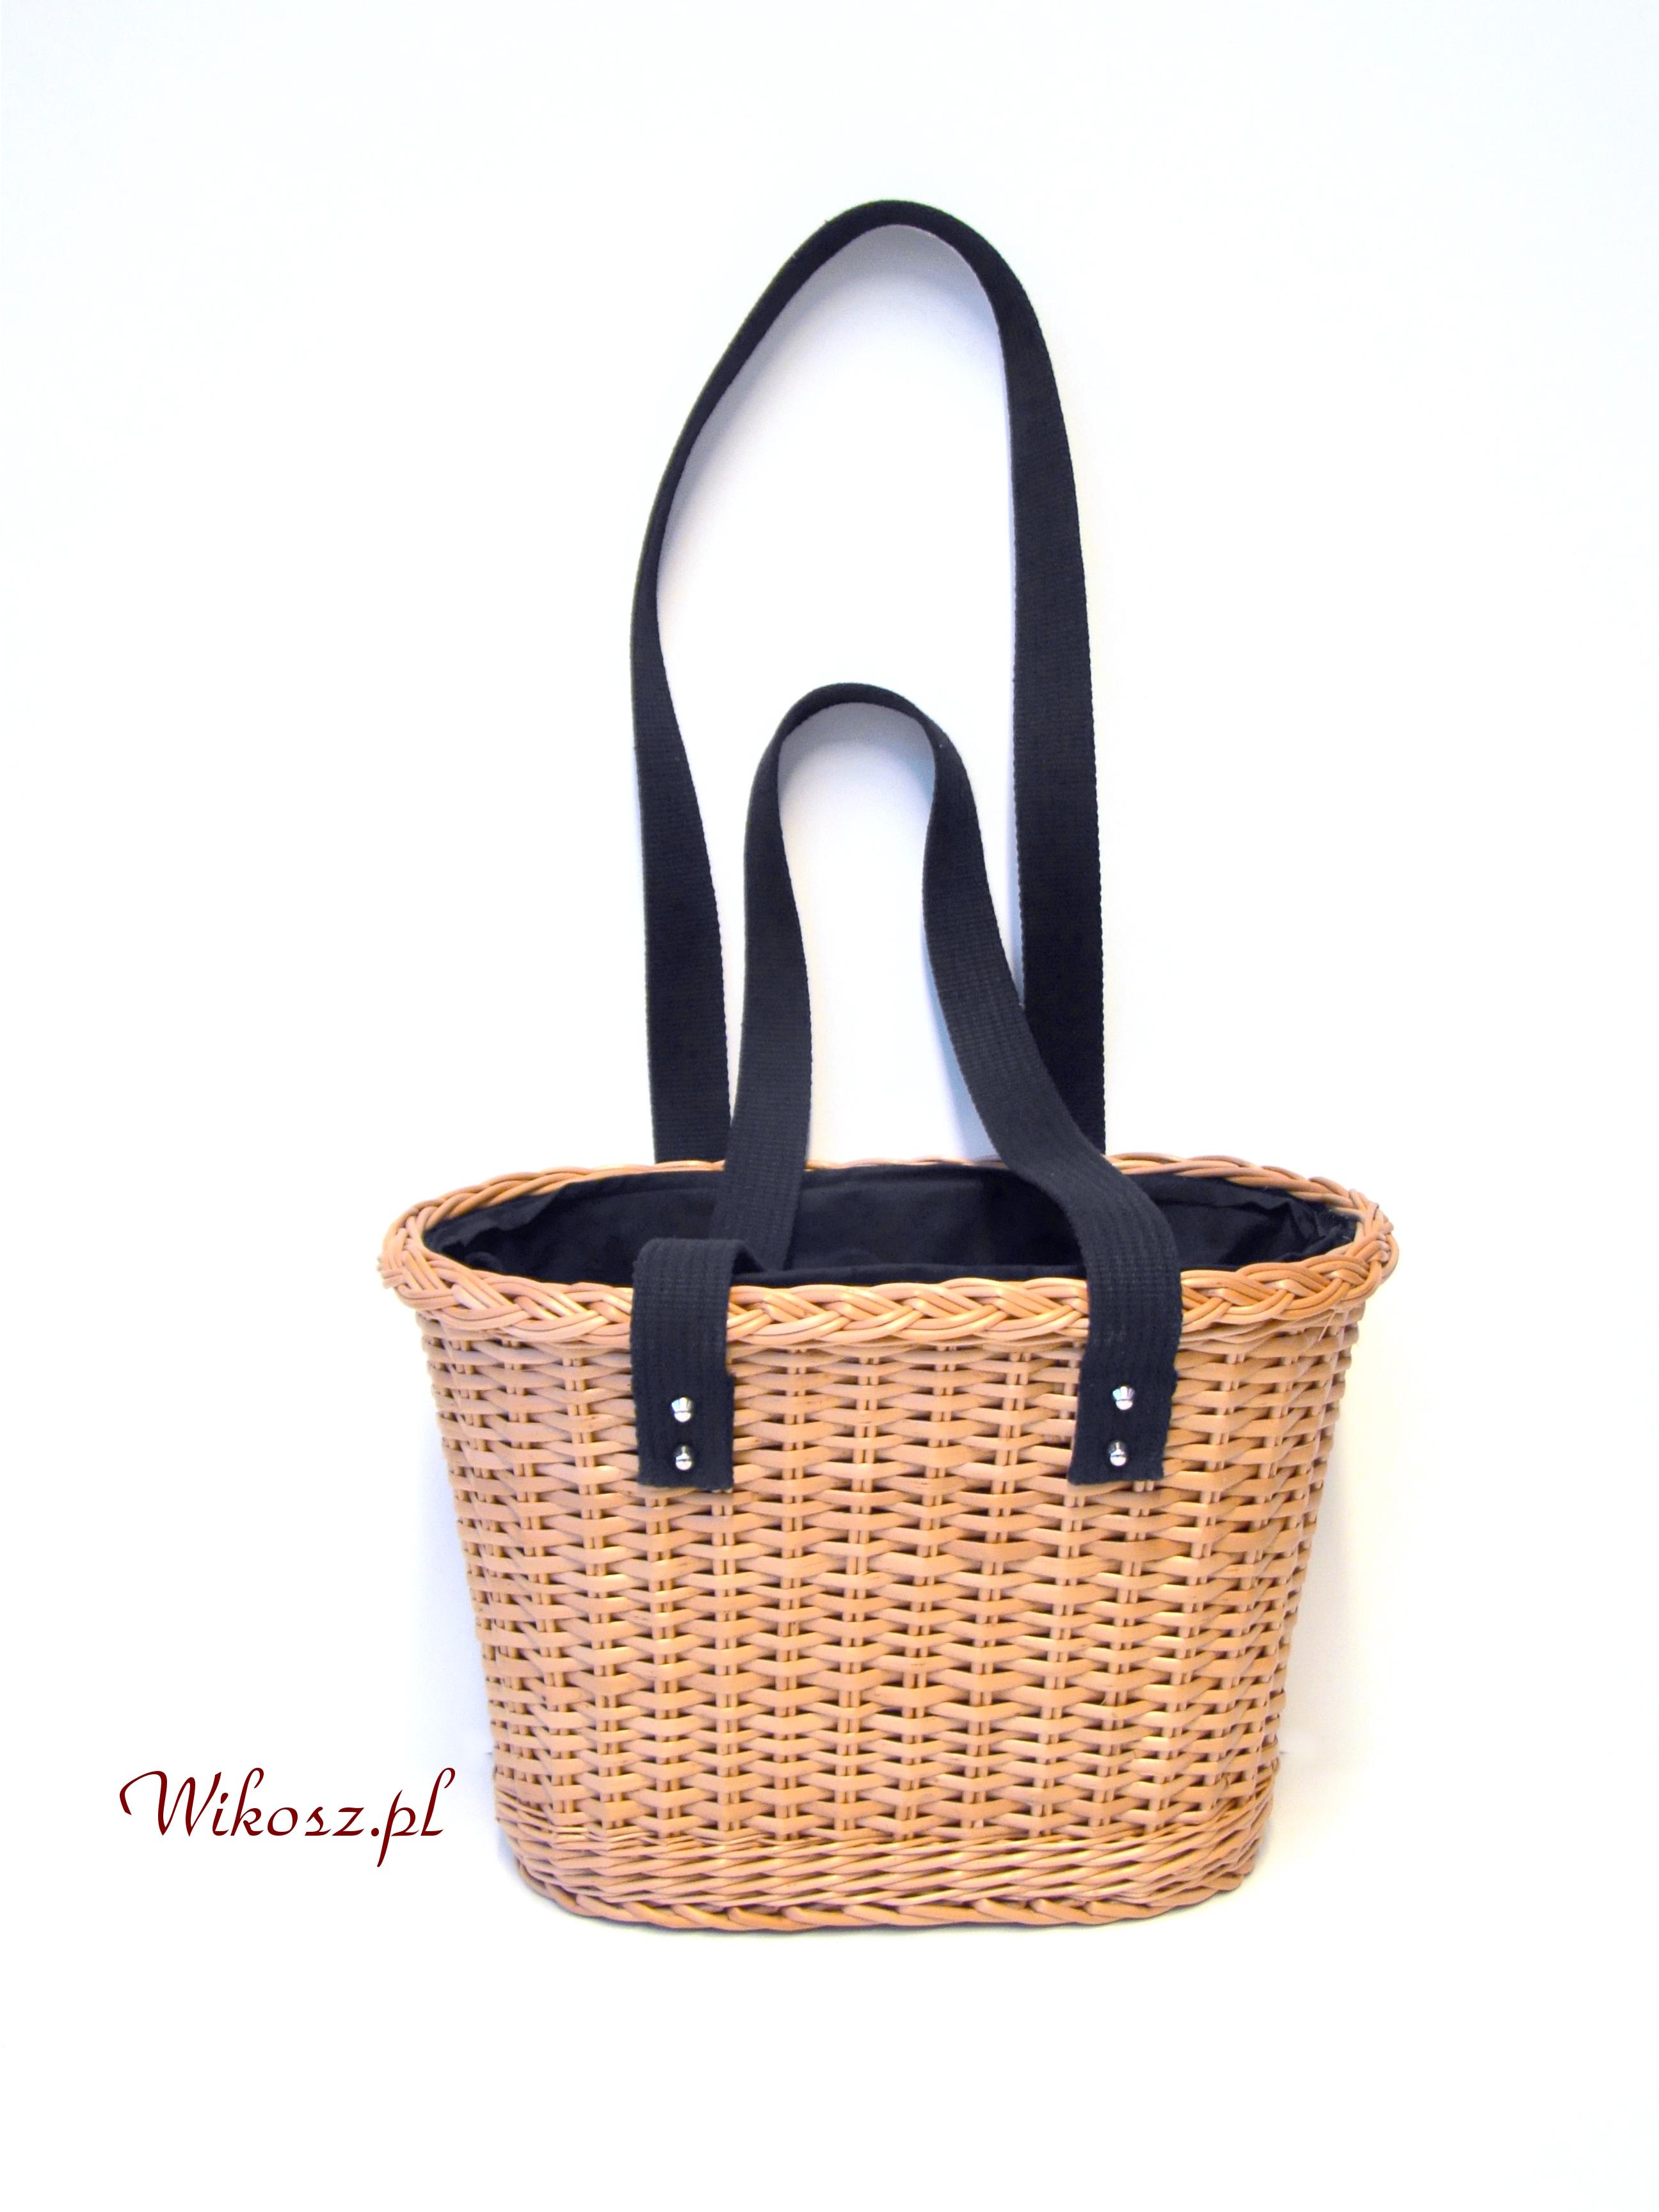 koszyk torebka prosty uszy